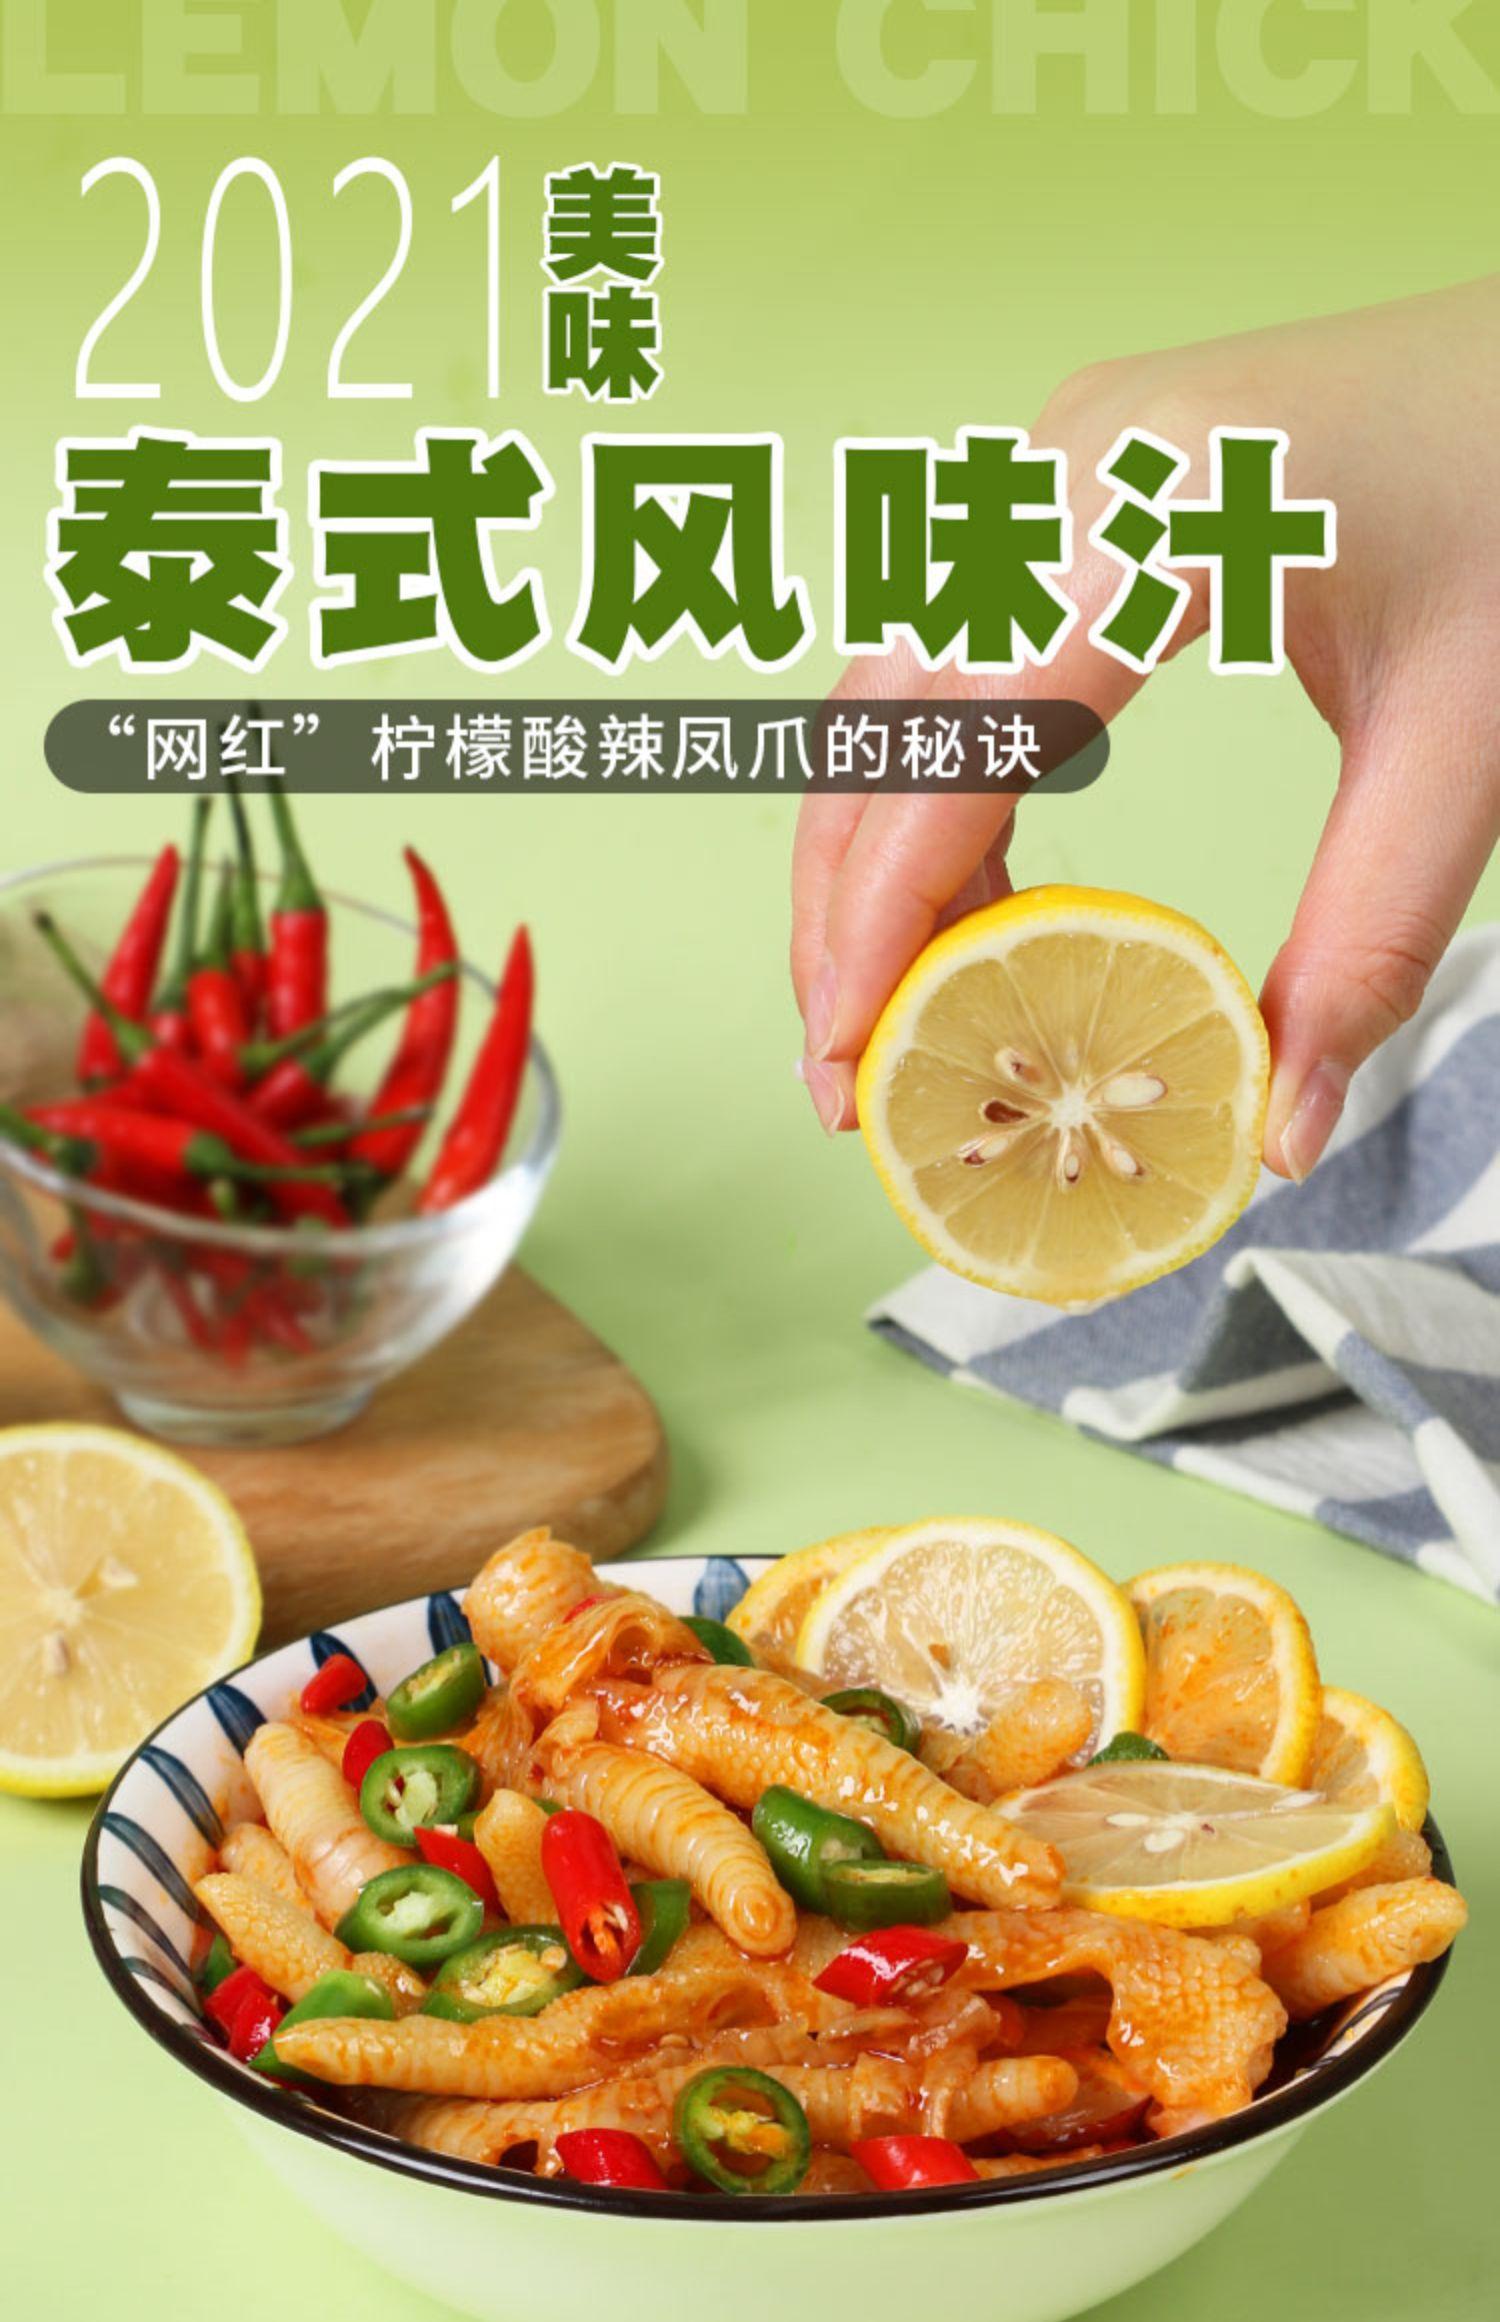 【送柠檬】泰式酸辣柠檬鸡爪风味汁400g